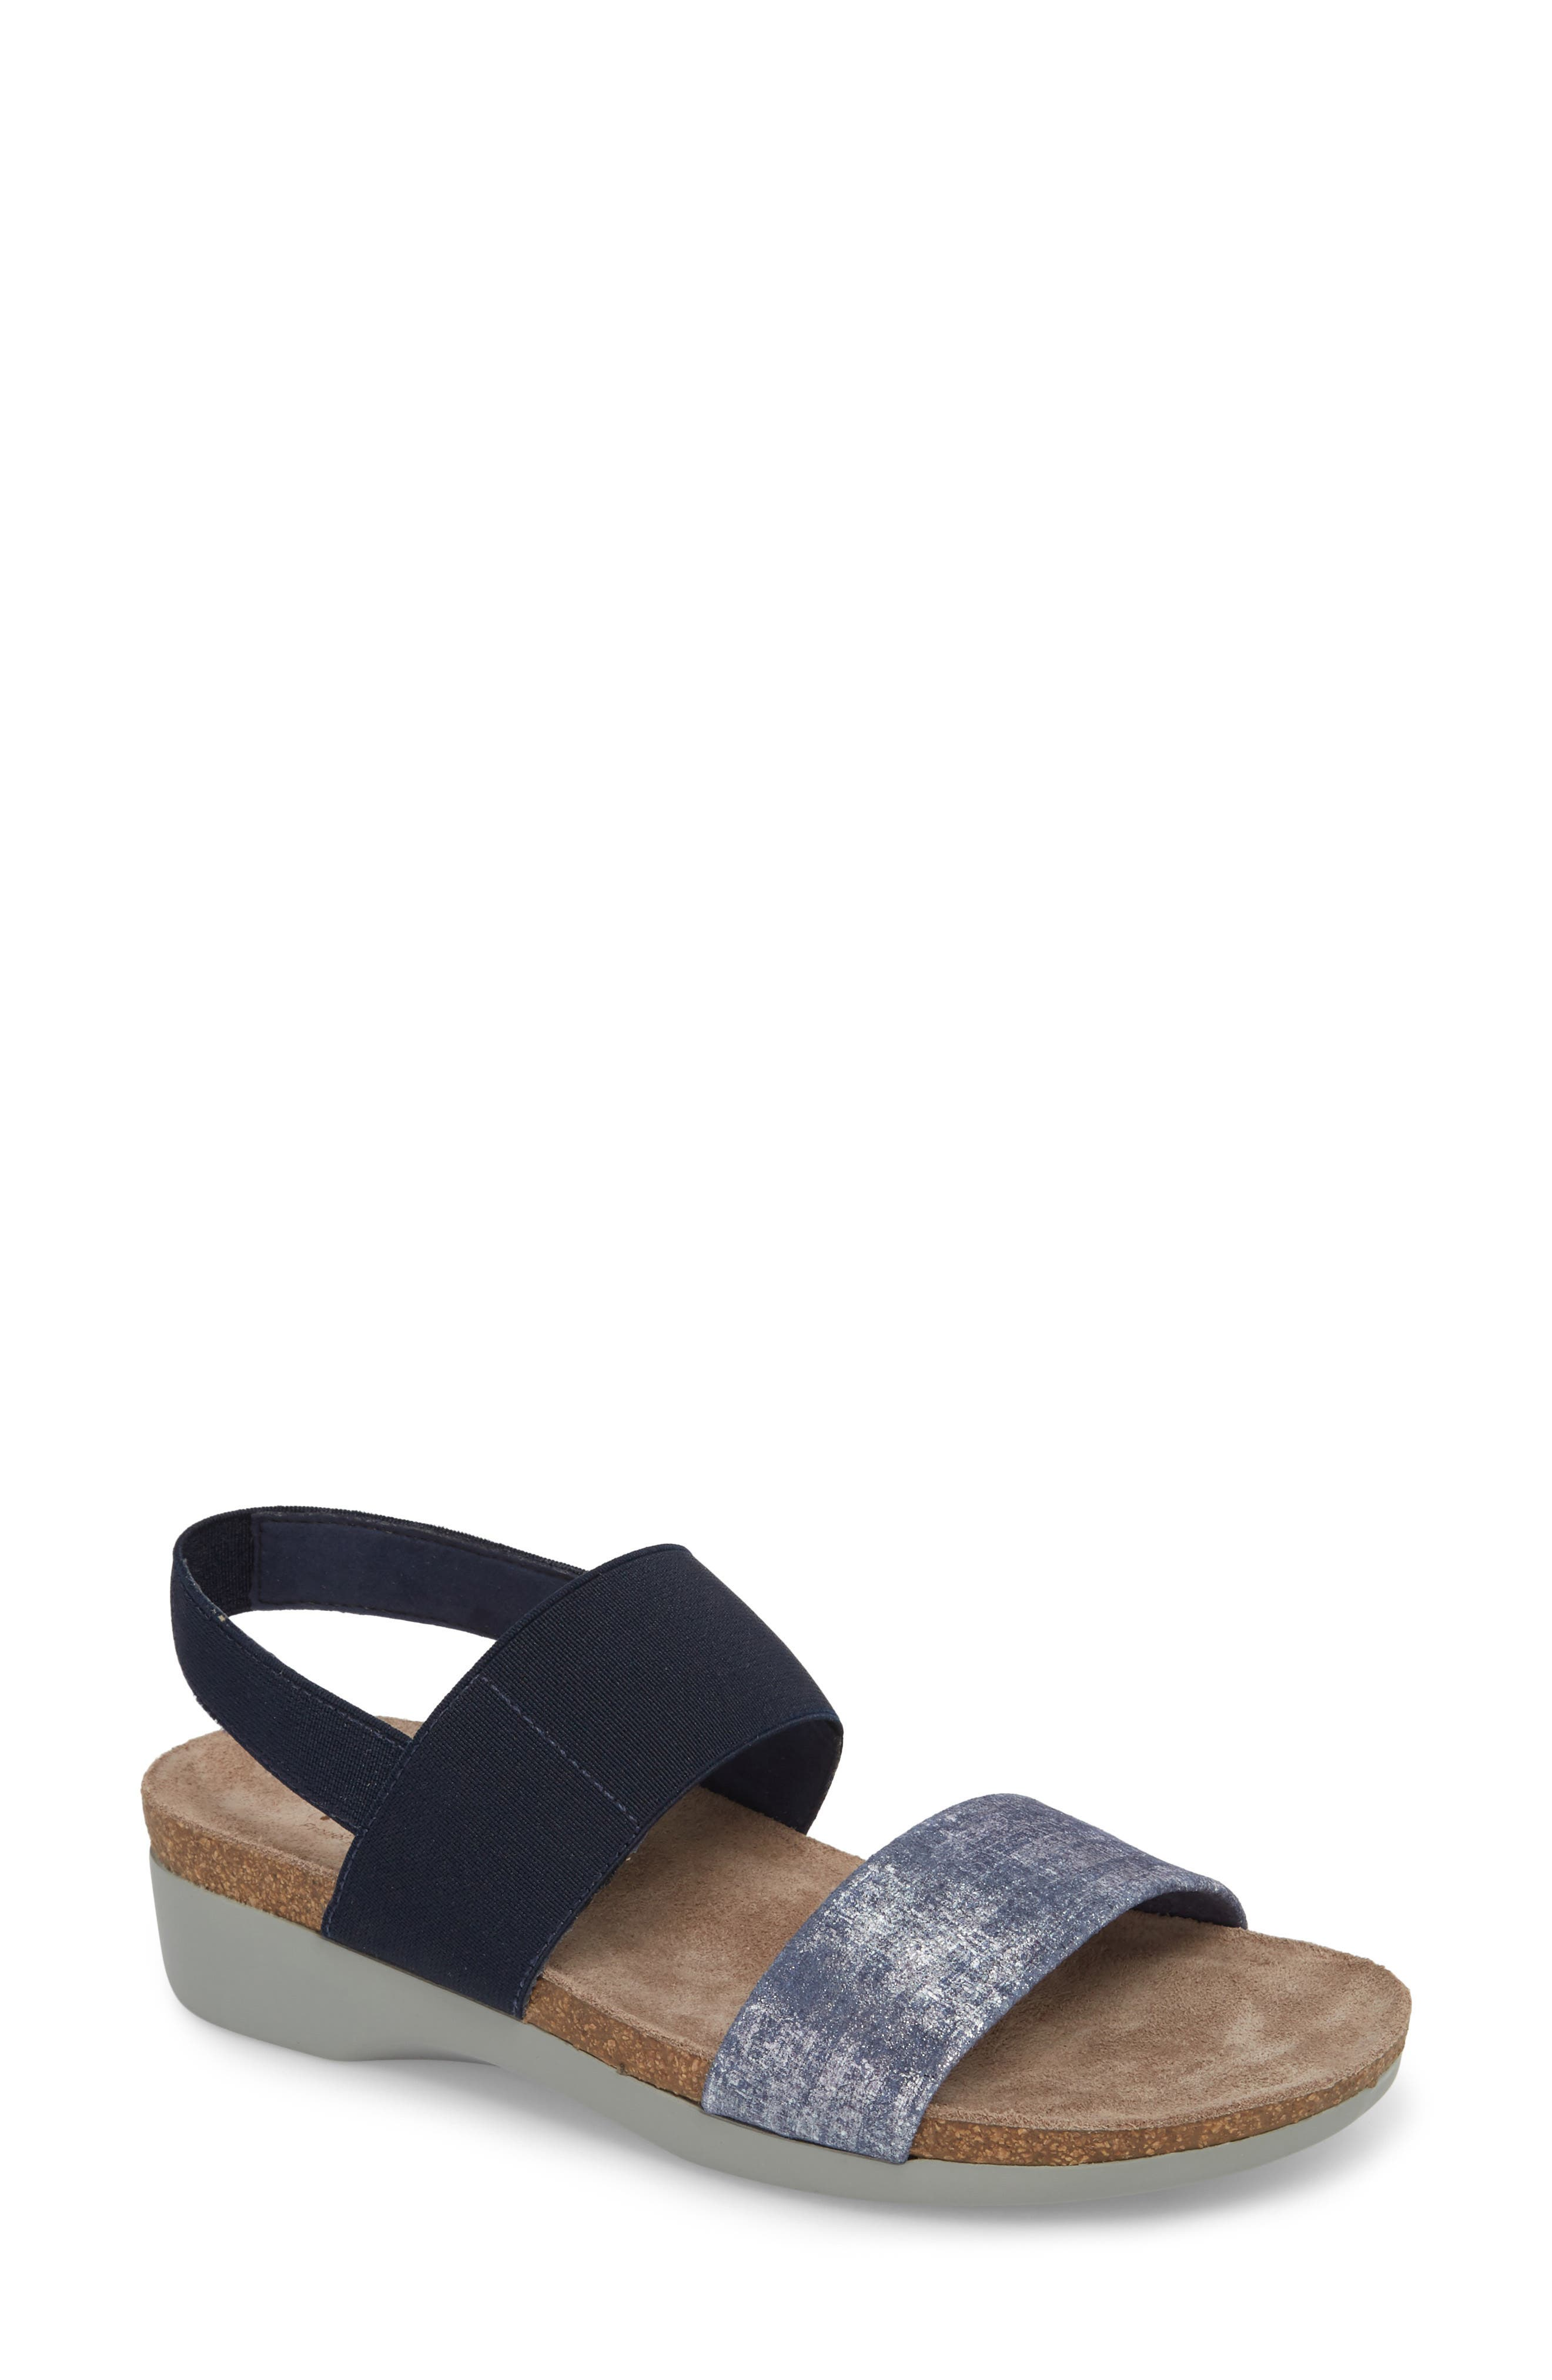 'Pisces' Sandal,                             Main thumbnail 1, color,                             BLUE/ SILVER METALLIC